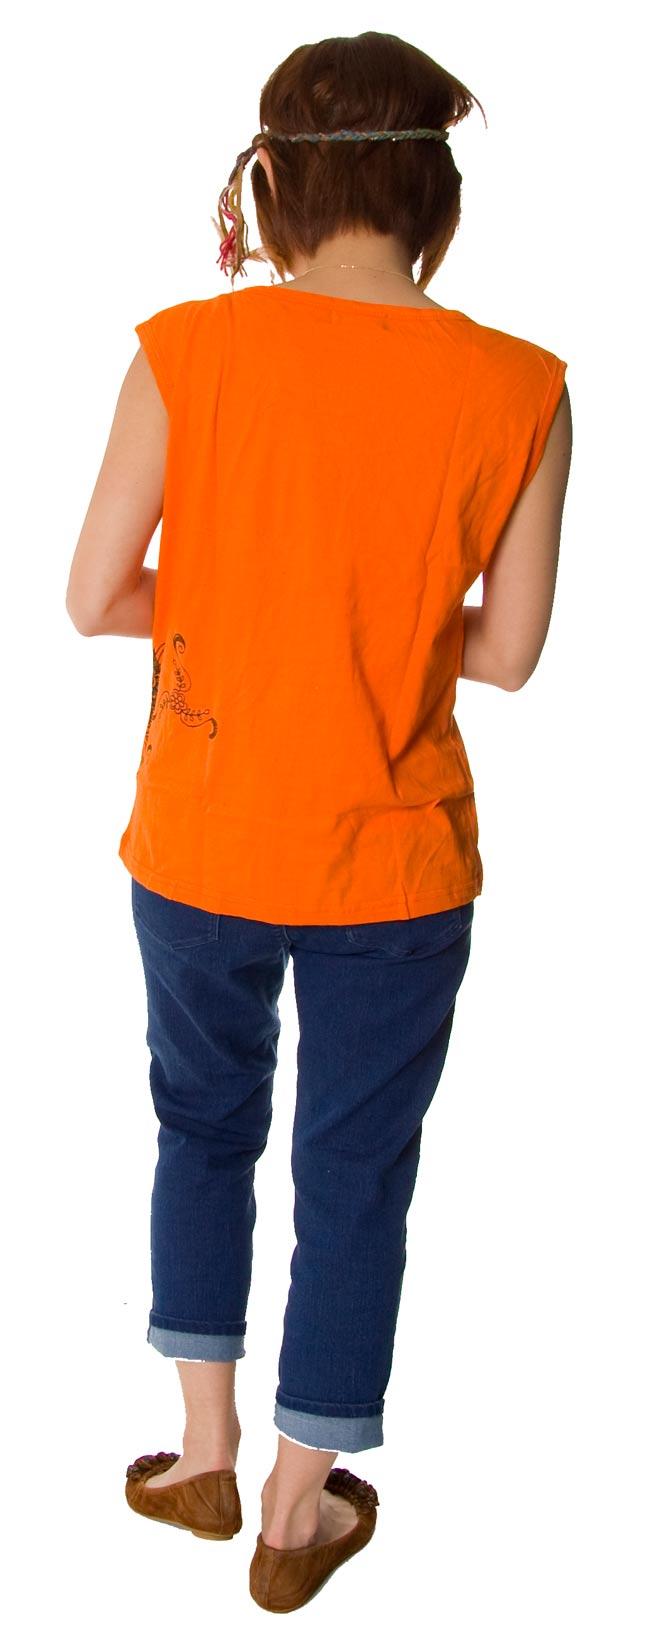 メヘンディアートプリント タンクトップ オレンジの写真2 - 後ろ姿はこんな感じです。